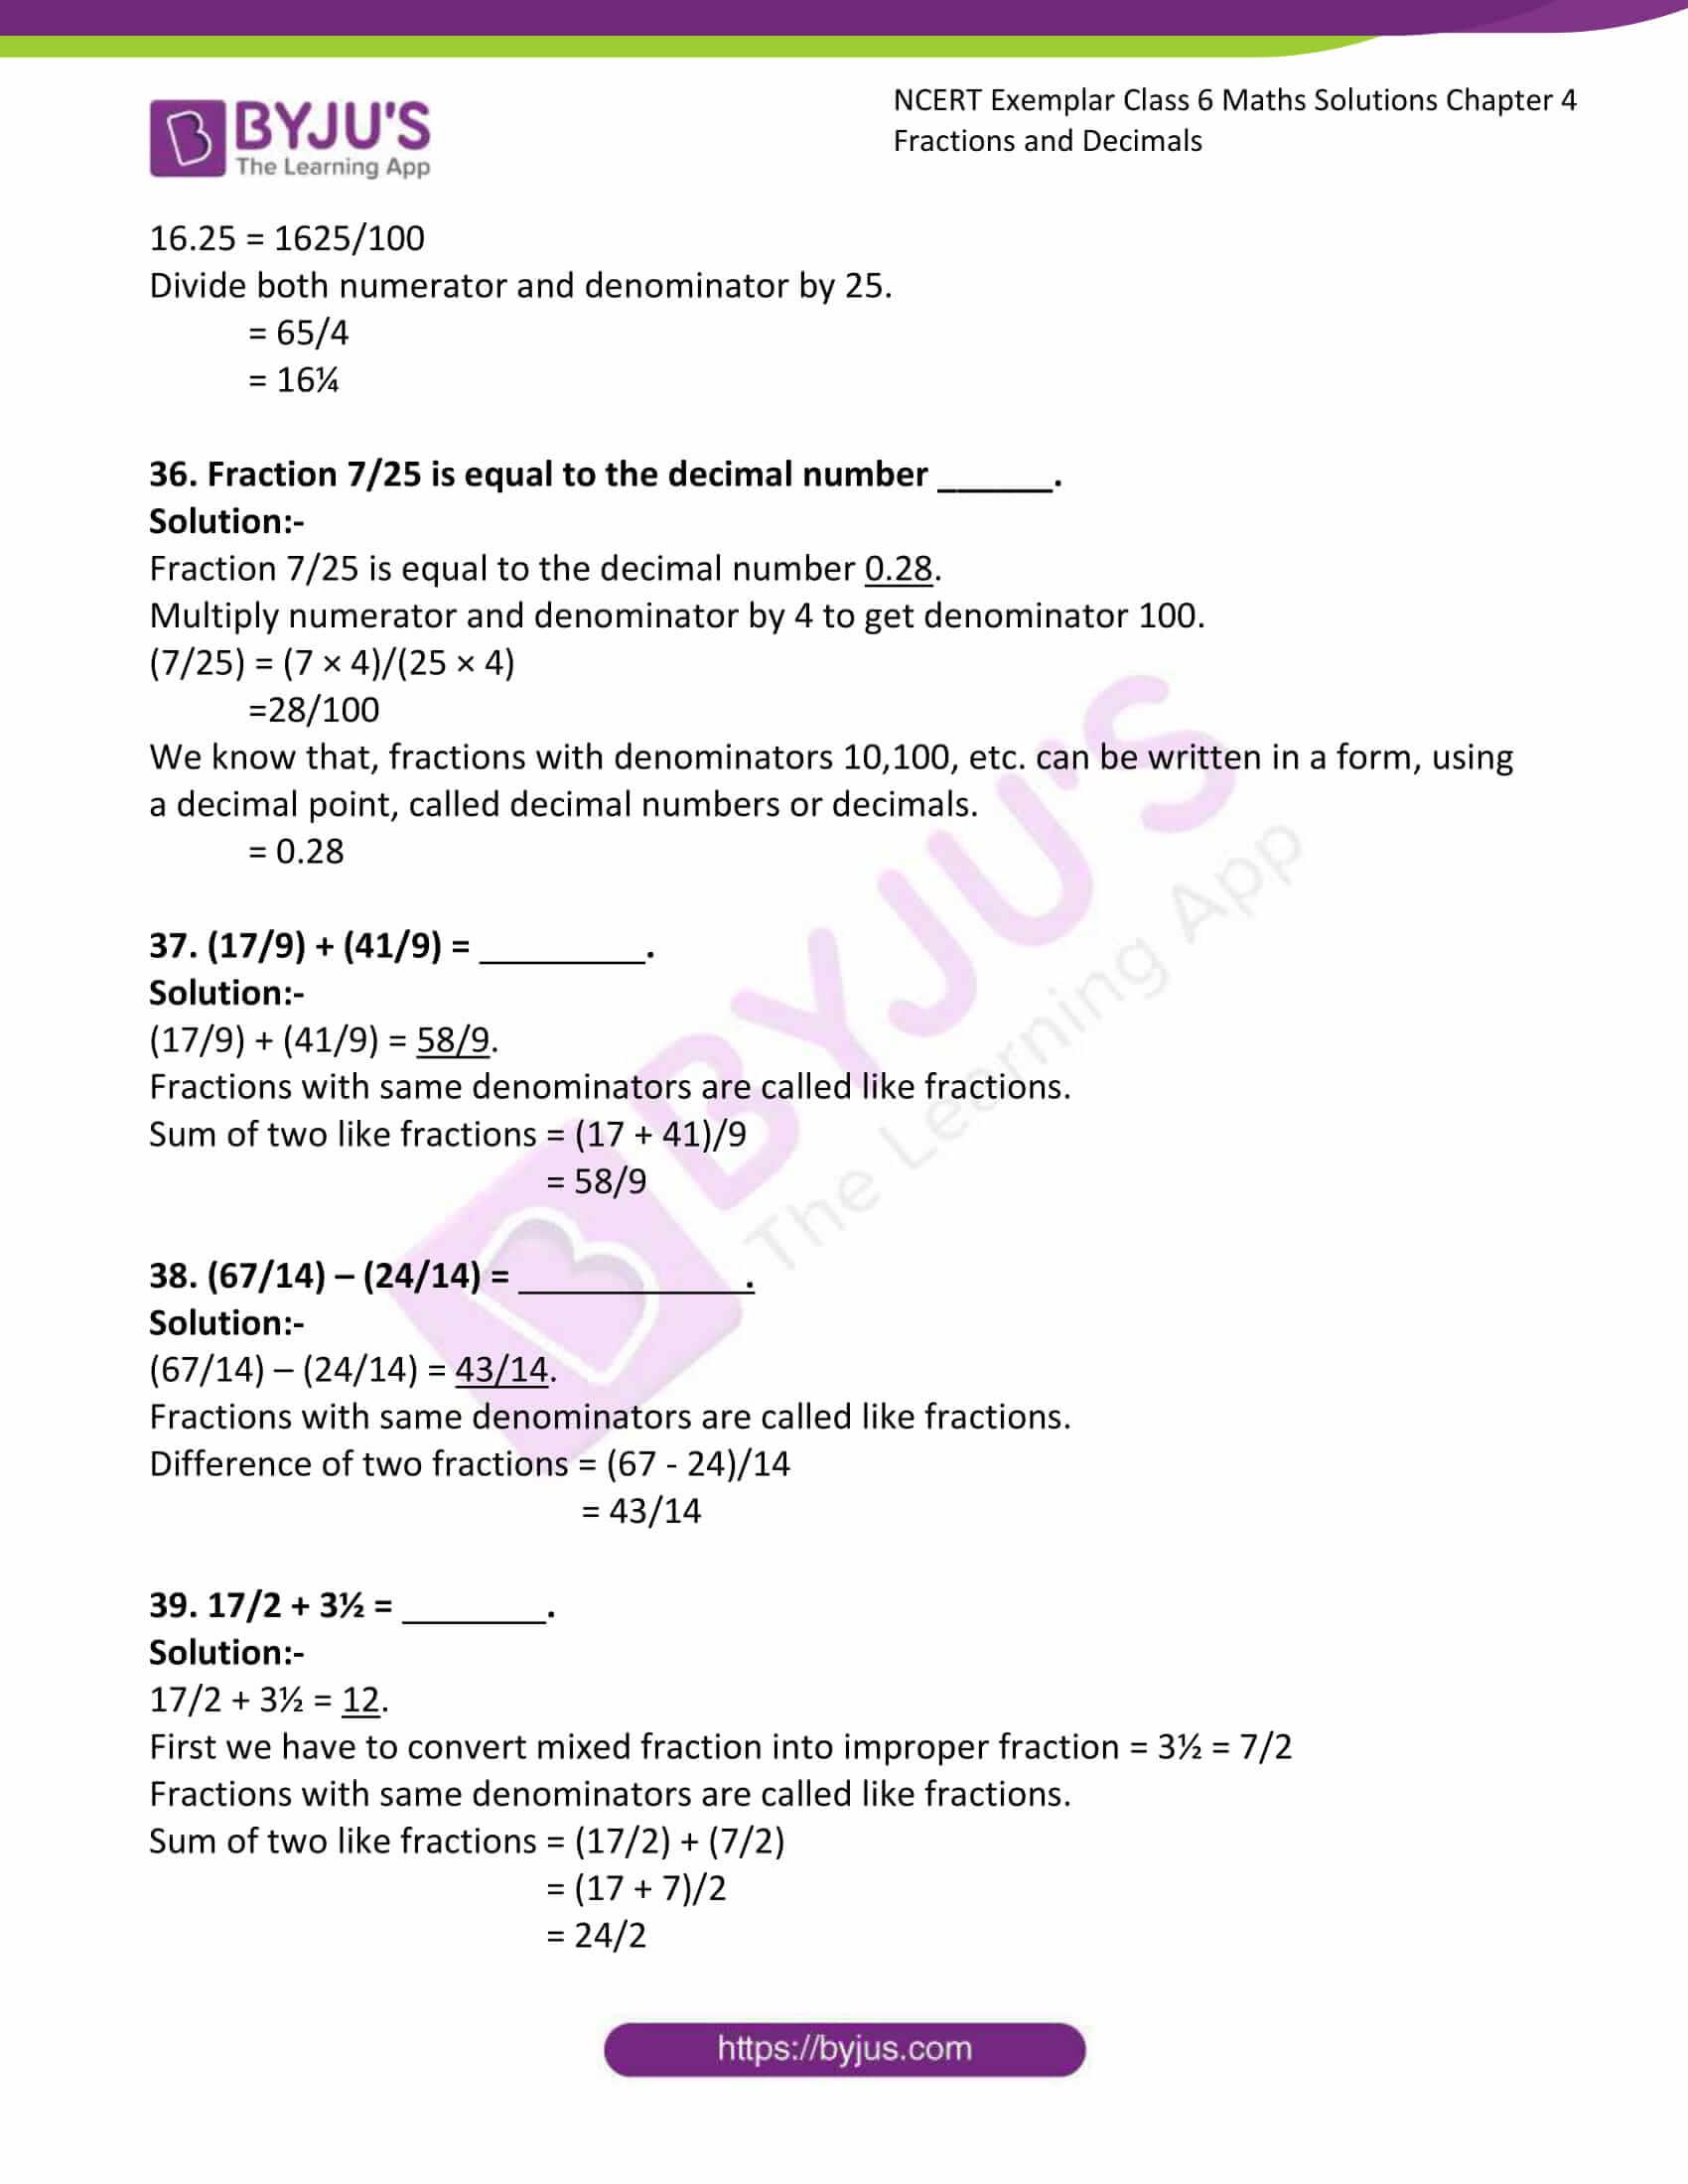 ncert exemplar class 6 maths sol ch 4 09